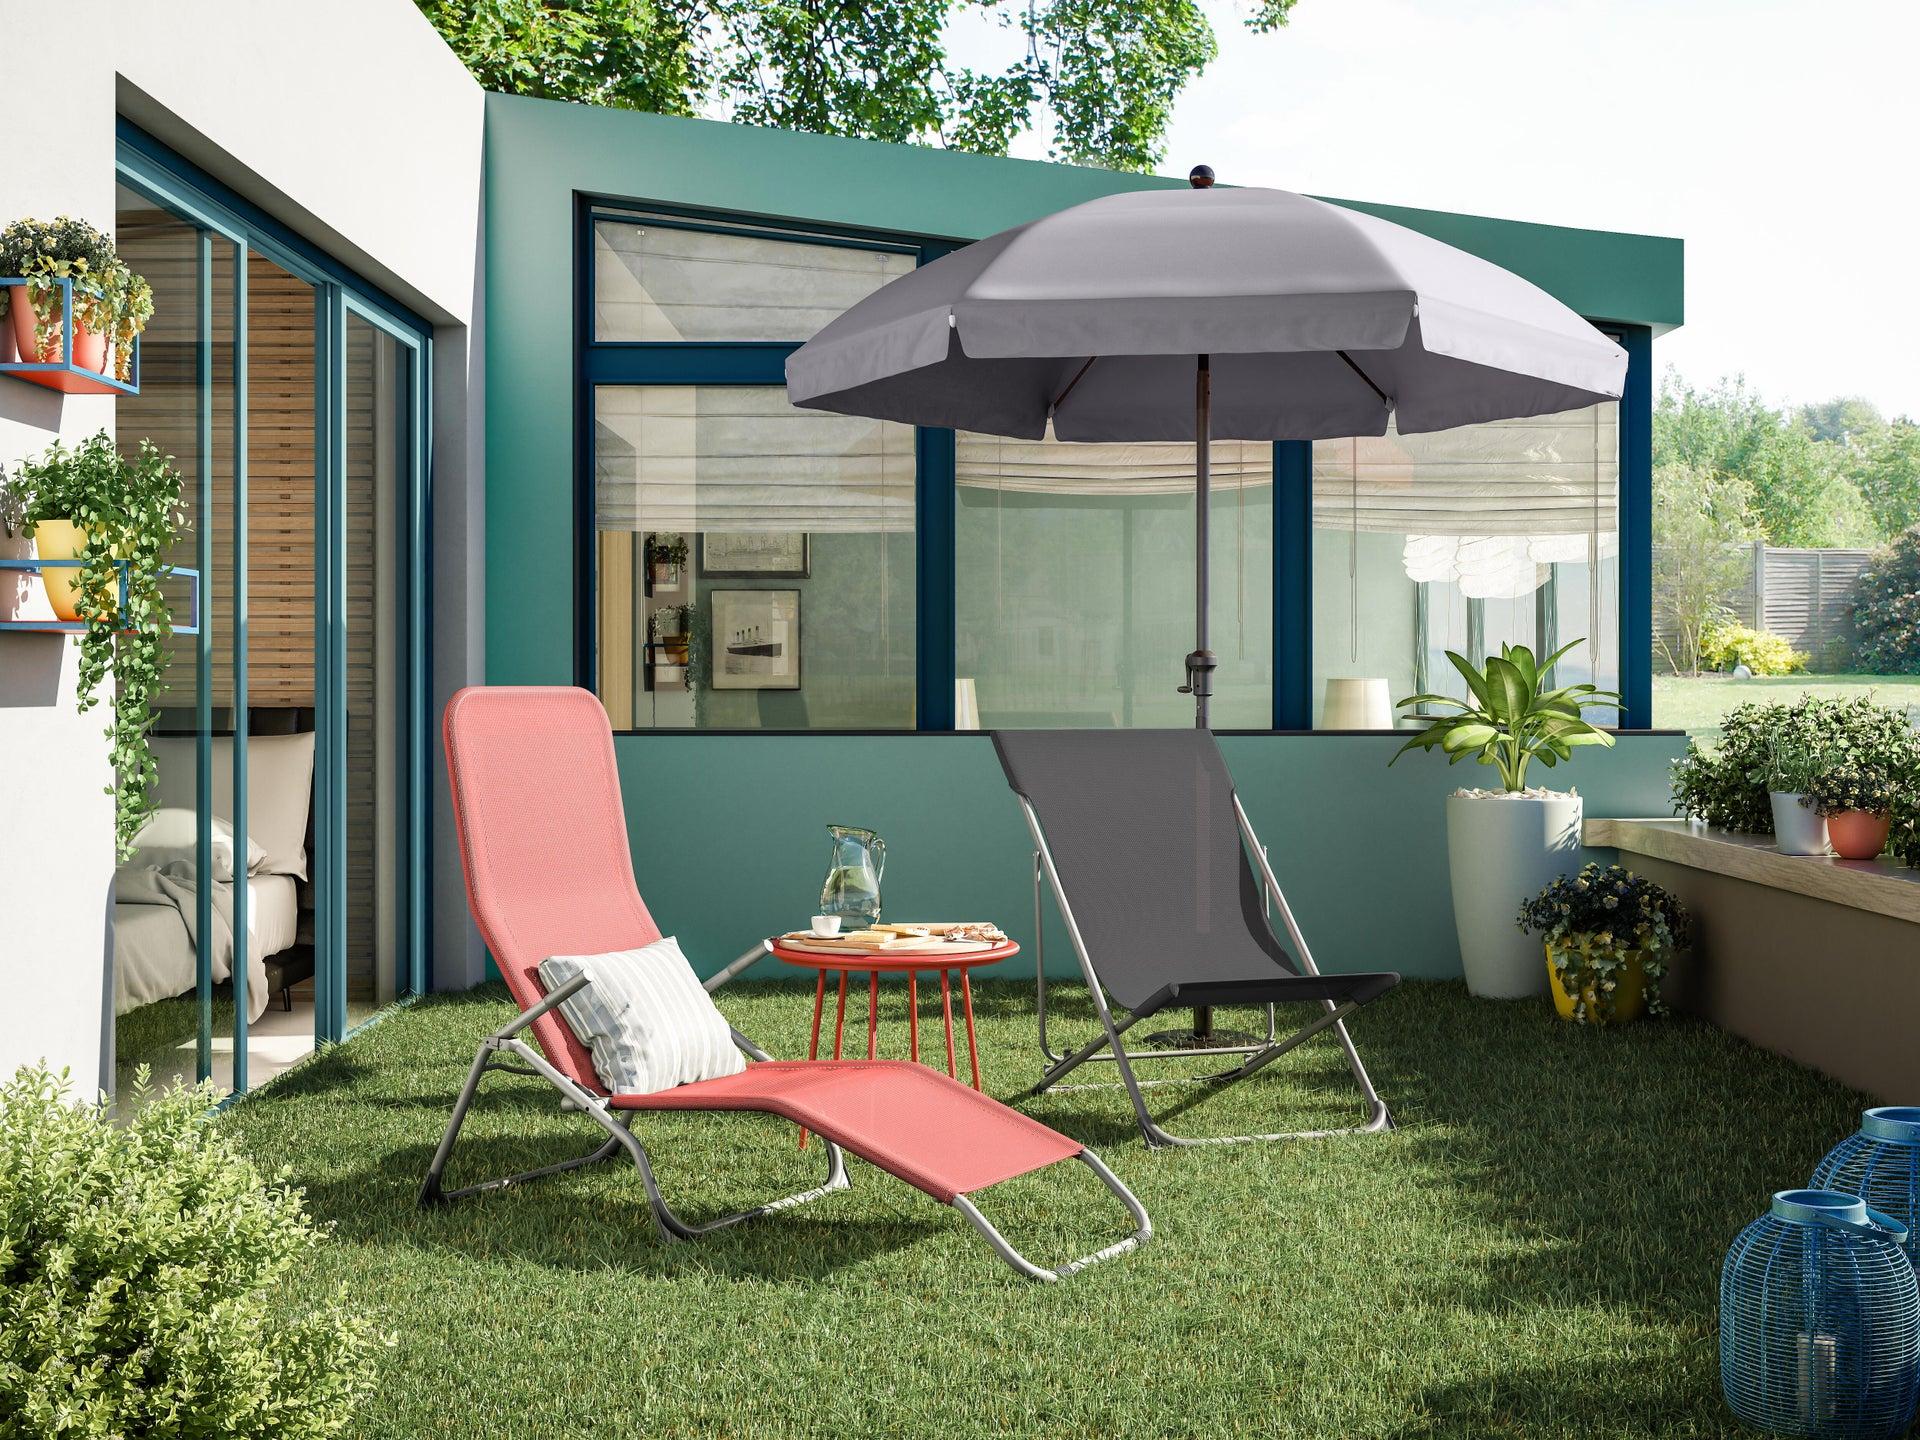 Sedia da giardino senza cuscino pieghevole in acciaio Biganos colore antracite - 6